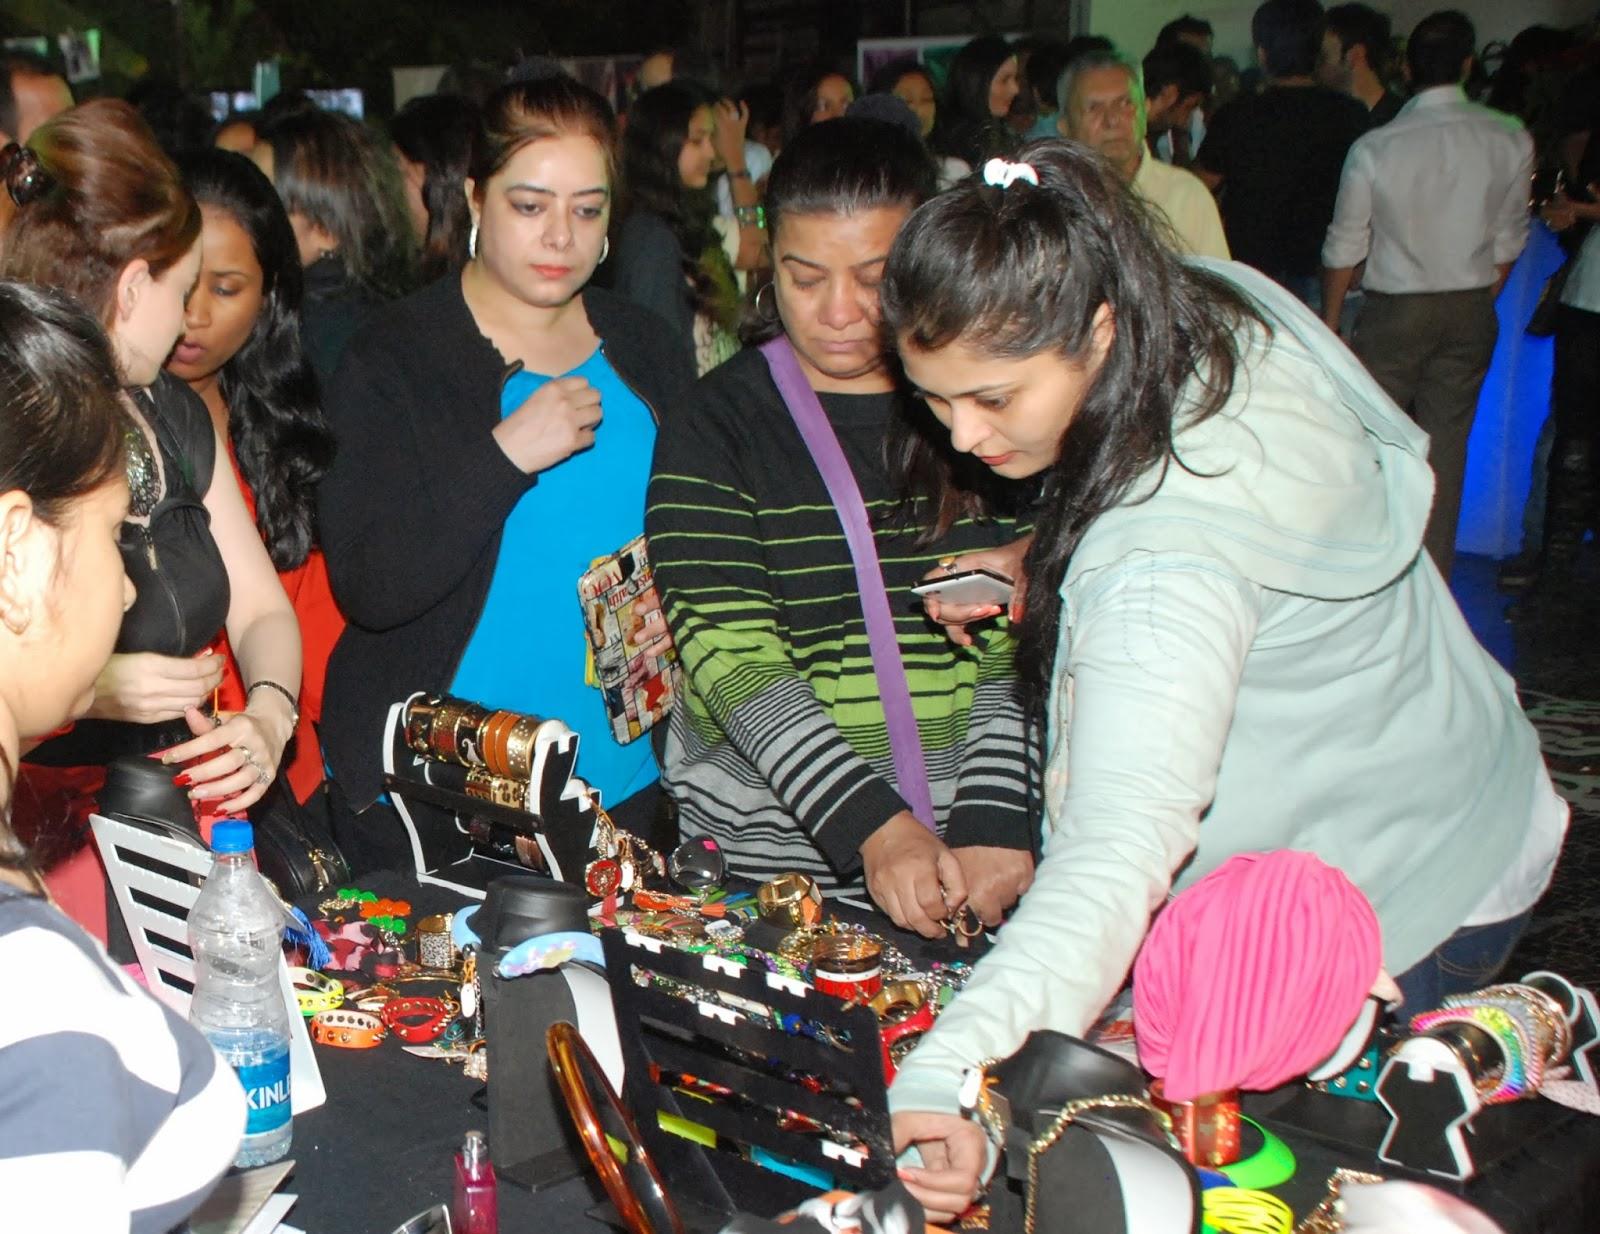 Guests shopping at Cupid's Flea Market at Villa 69